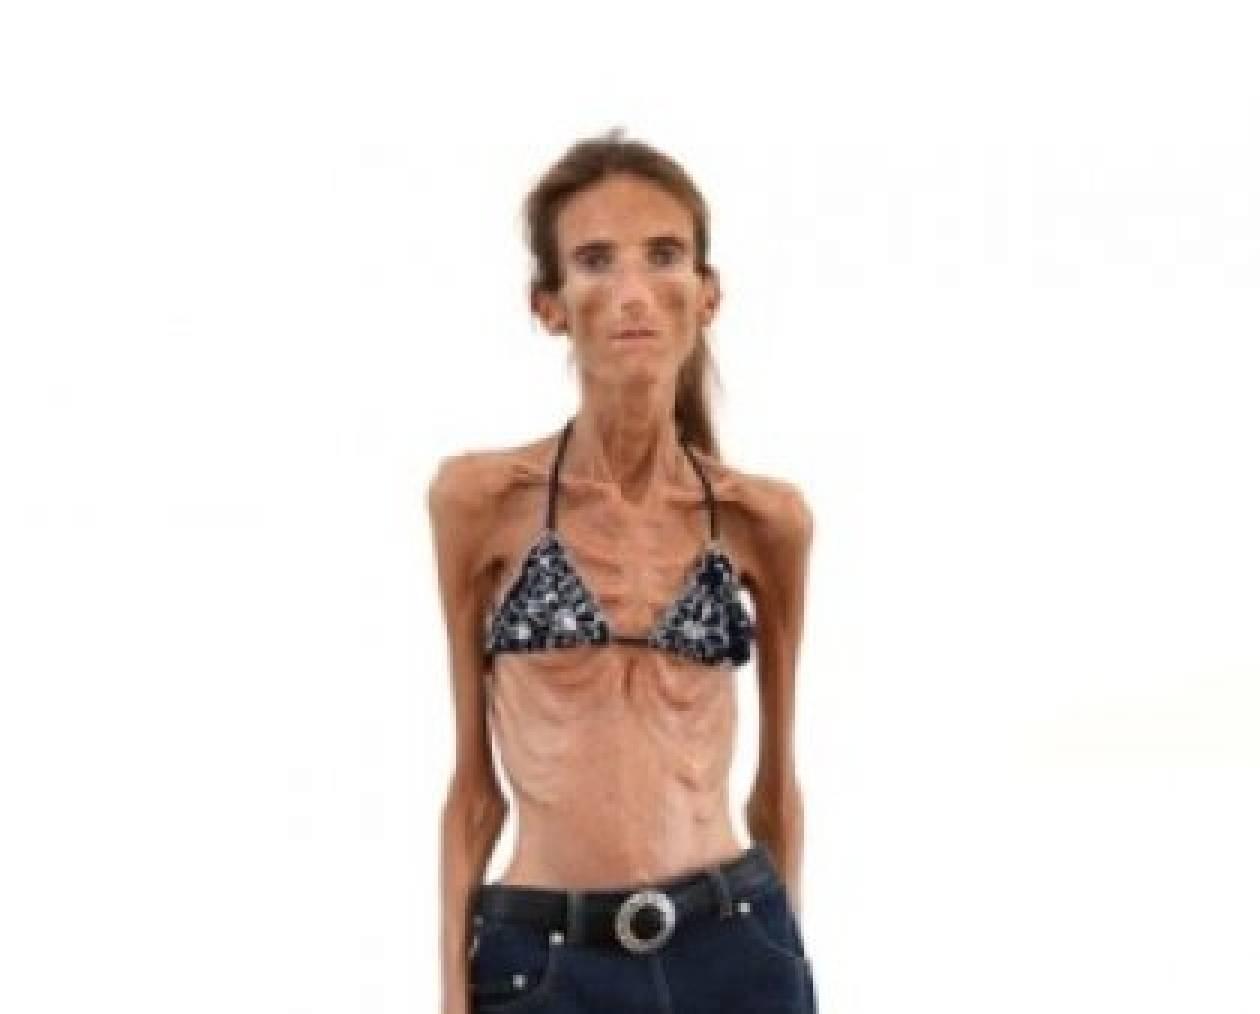 Η σοκαριστική εξομολόγηση της πιο αδύνατης γυναίκας στον κόσμο